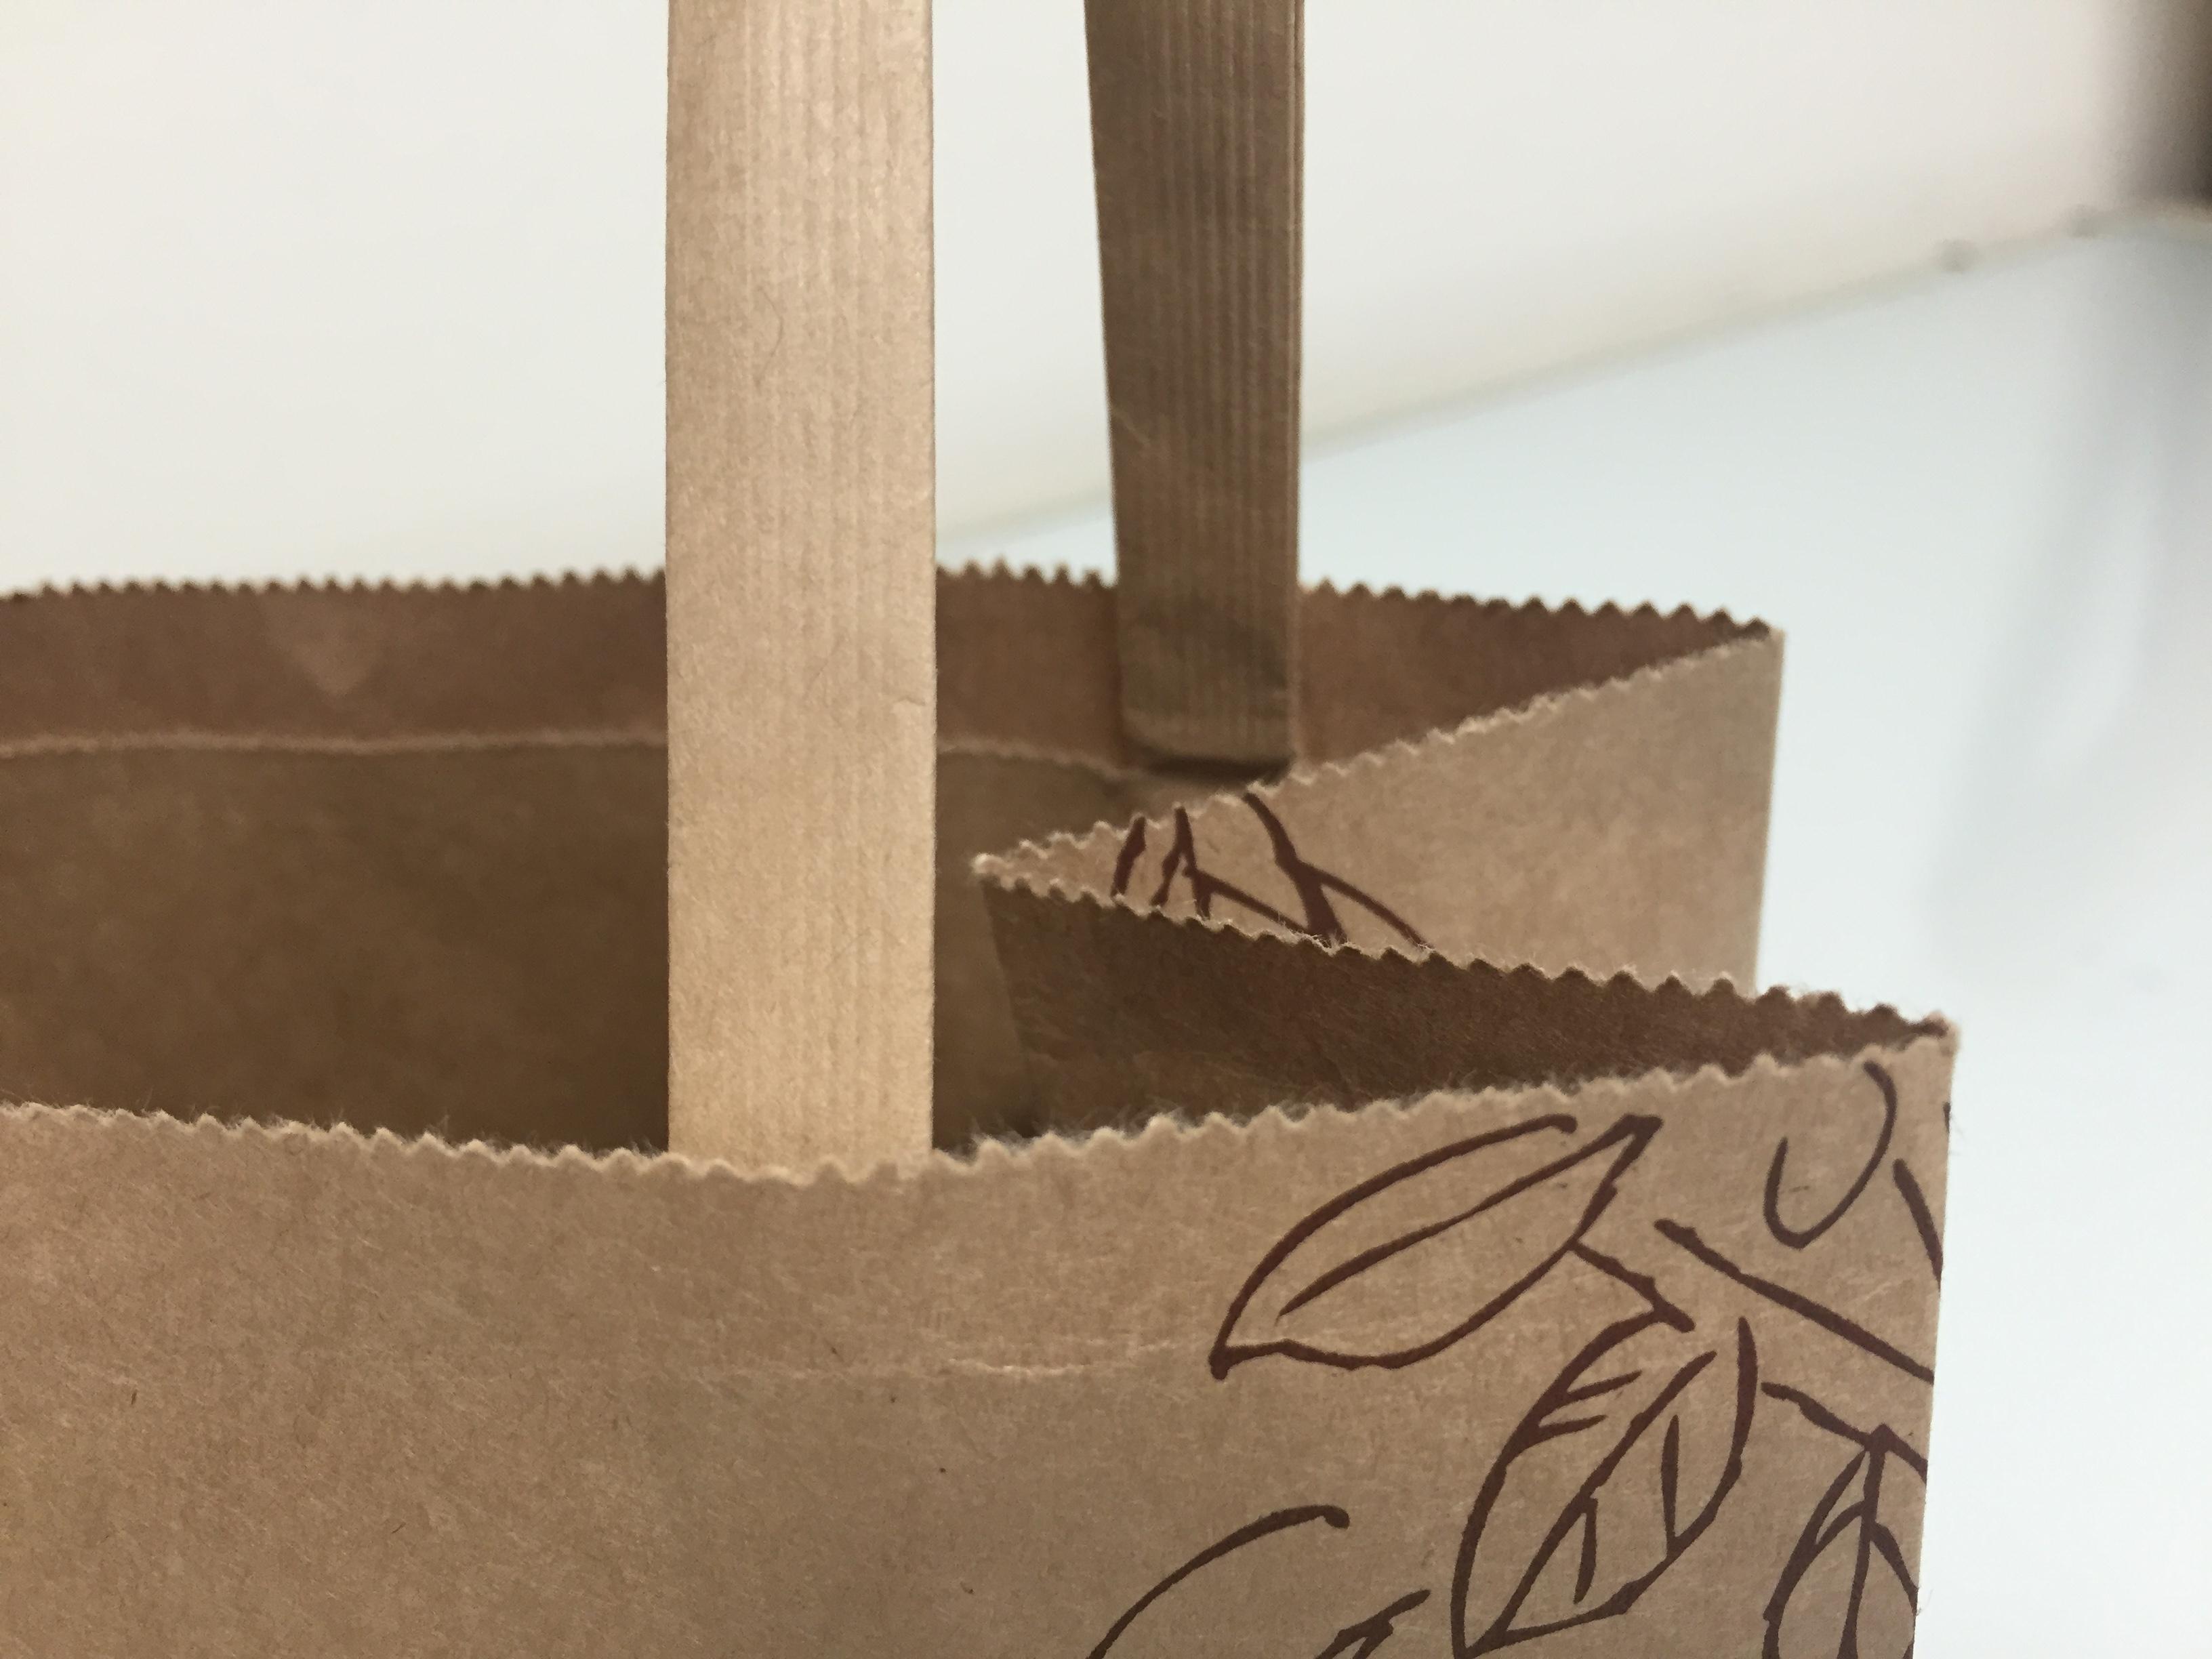 紙袋 口の部分がギザギザなのはなぜ?